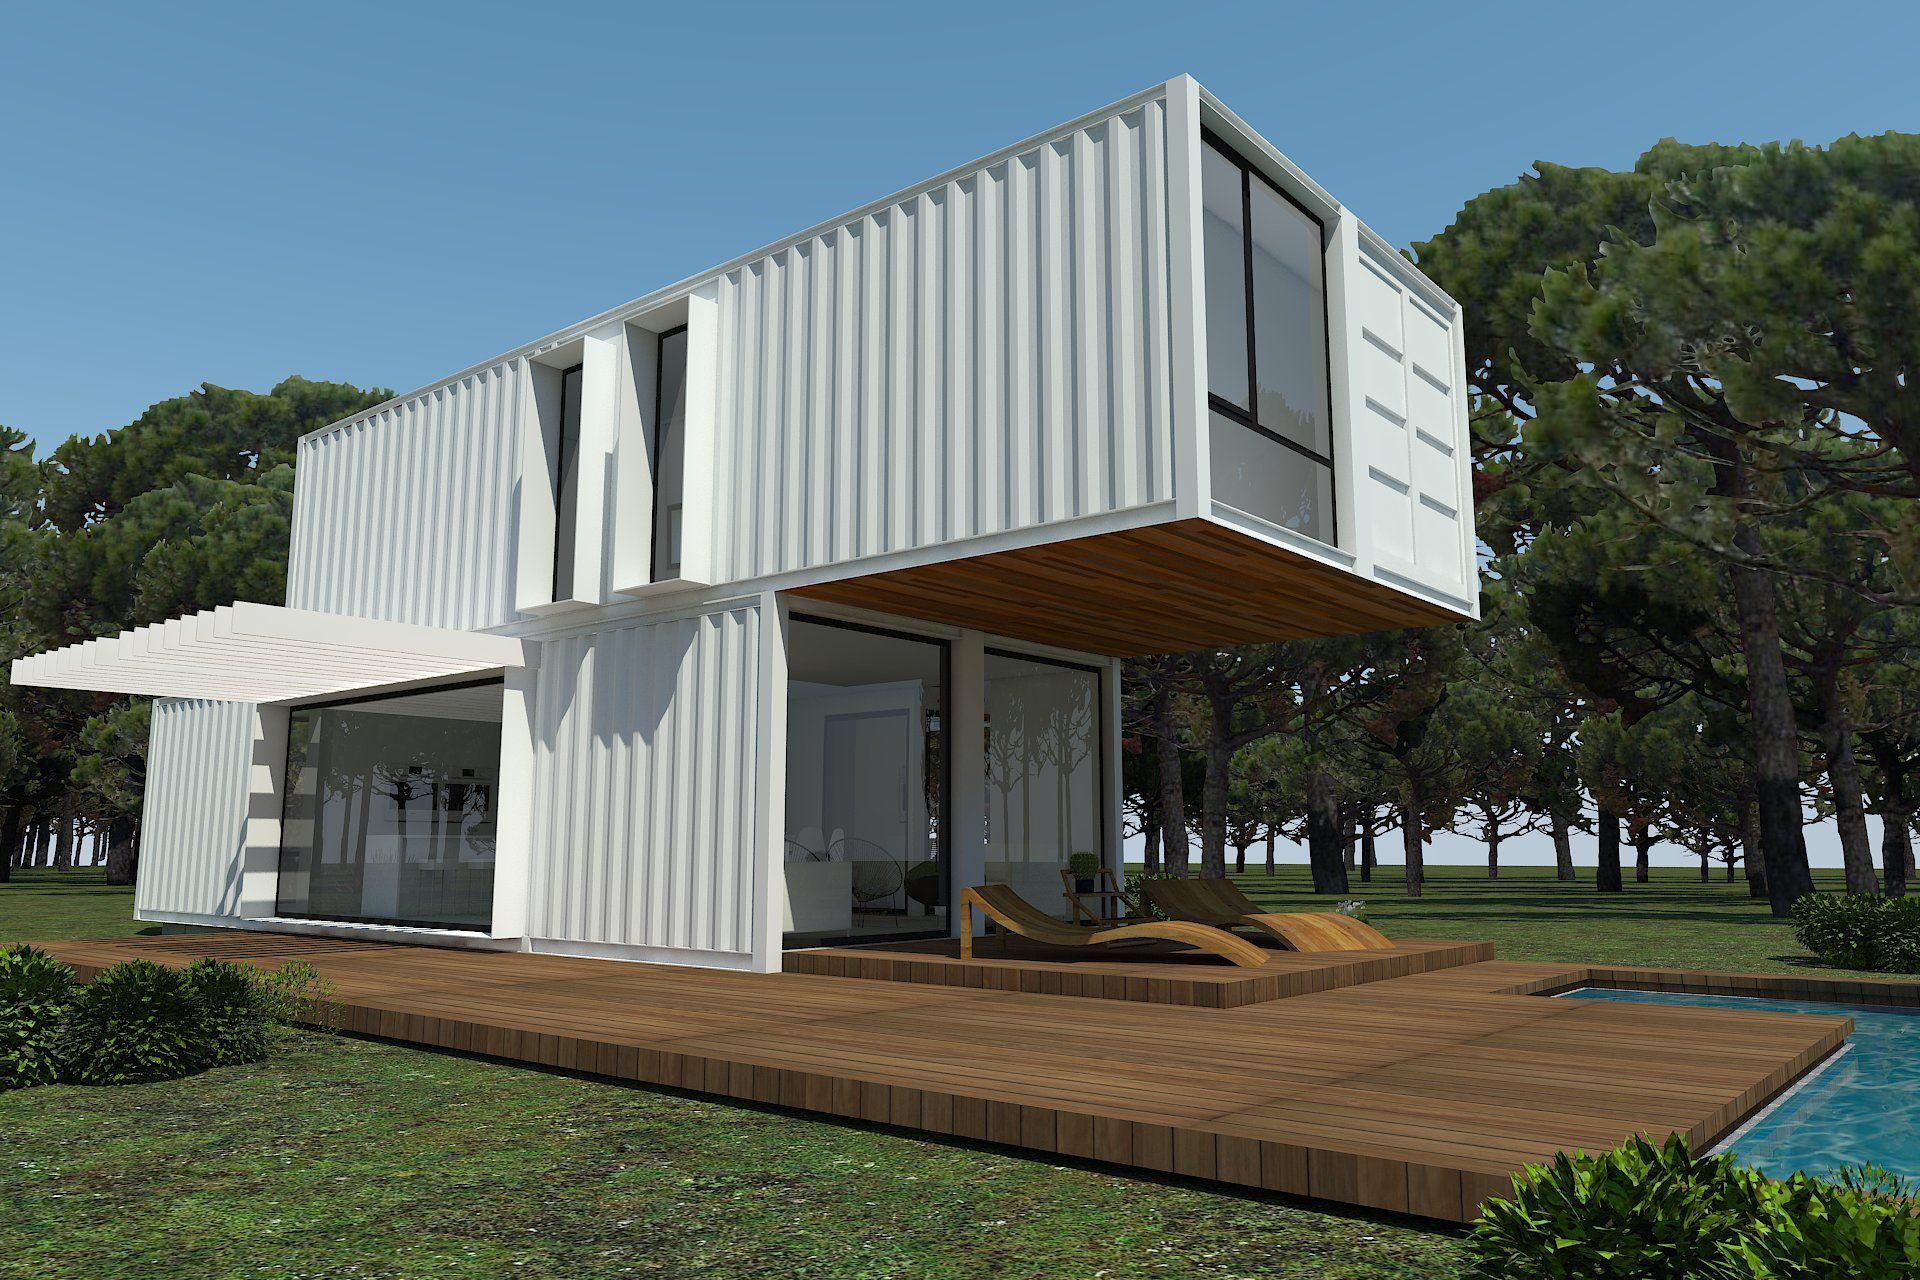 Maritimos casas una de mis favoritas oferta alyar casas martimos panel de sandwich - Casa contenedor maritimo precio ...